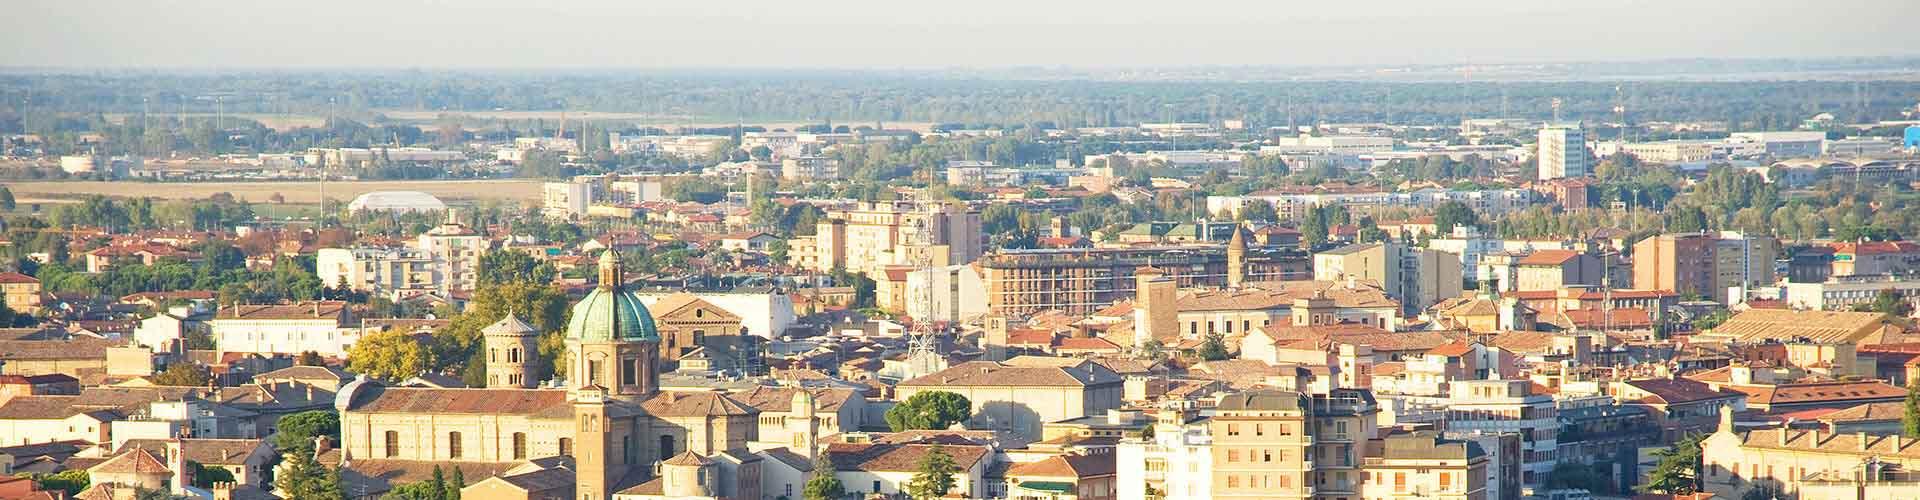 Ravenna - Appartments à Ravenna. Cartes pour Ravenna, photos et commentaires pour chaque appartement à Ravenna.